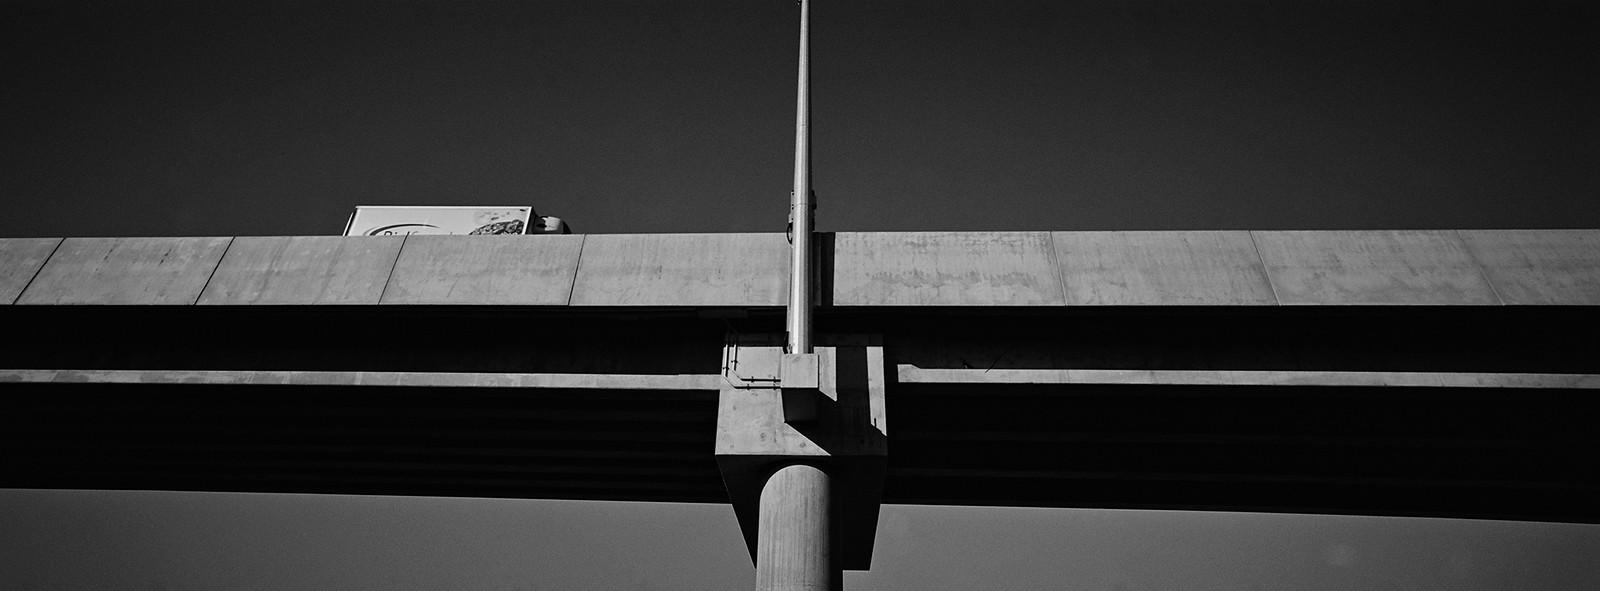 Western Motorway iii